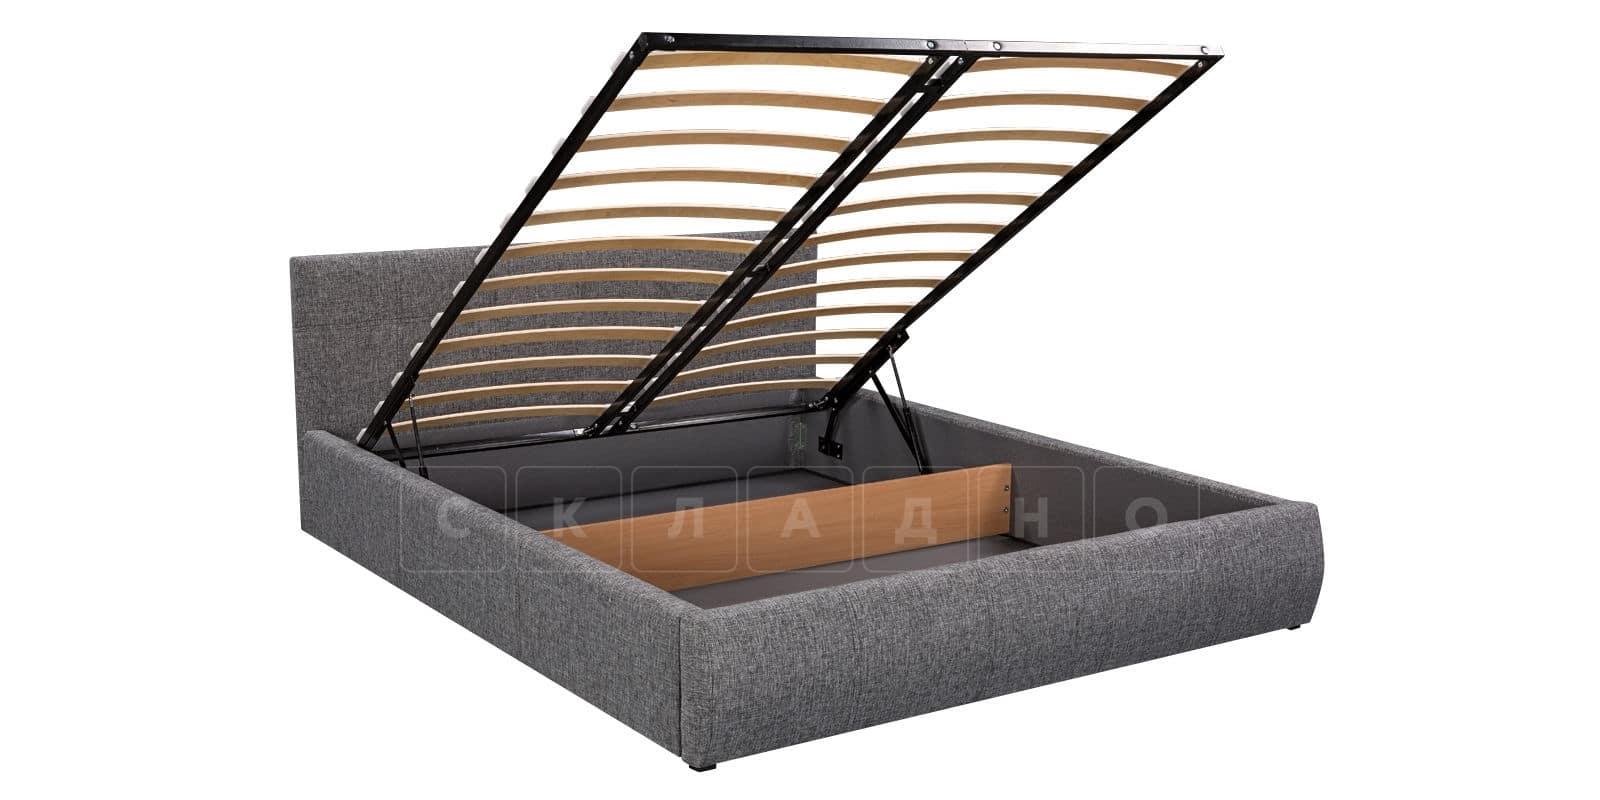 Мягкая кровать Афина 160см рогожка серого цвета фото 6 | интернет-магазин Складно